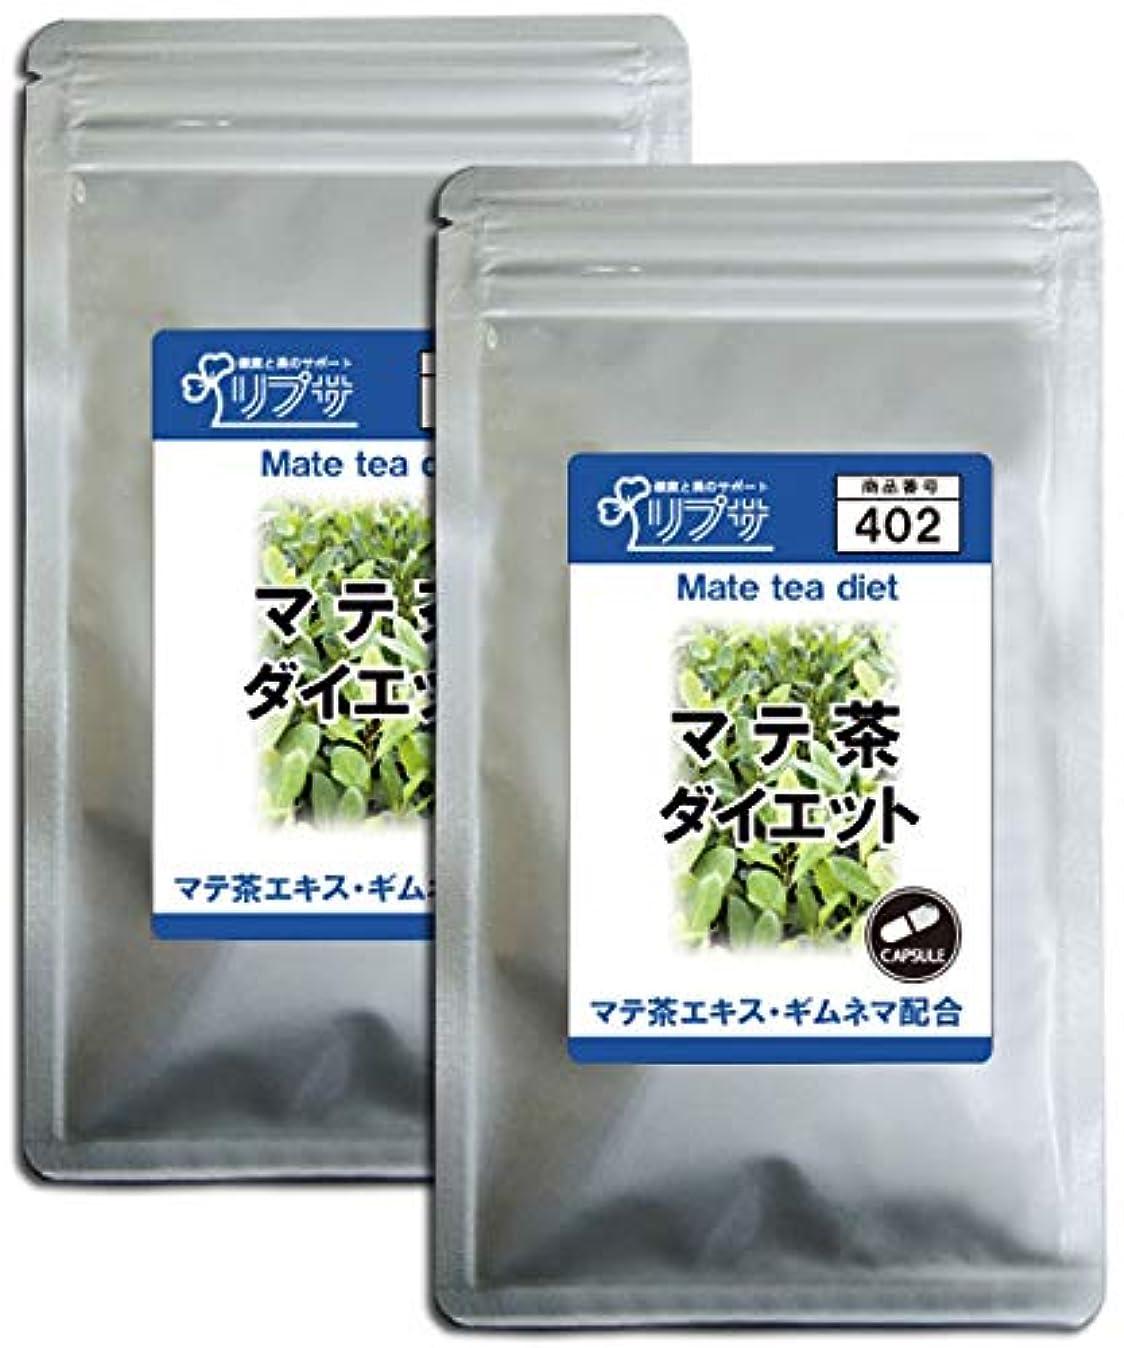 ギャップ観察するチャールズキージングマテ茶ダイエット 約3か月分×2袋 C-402-2